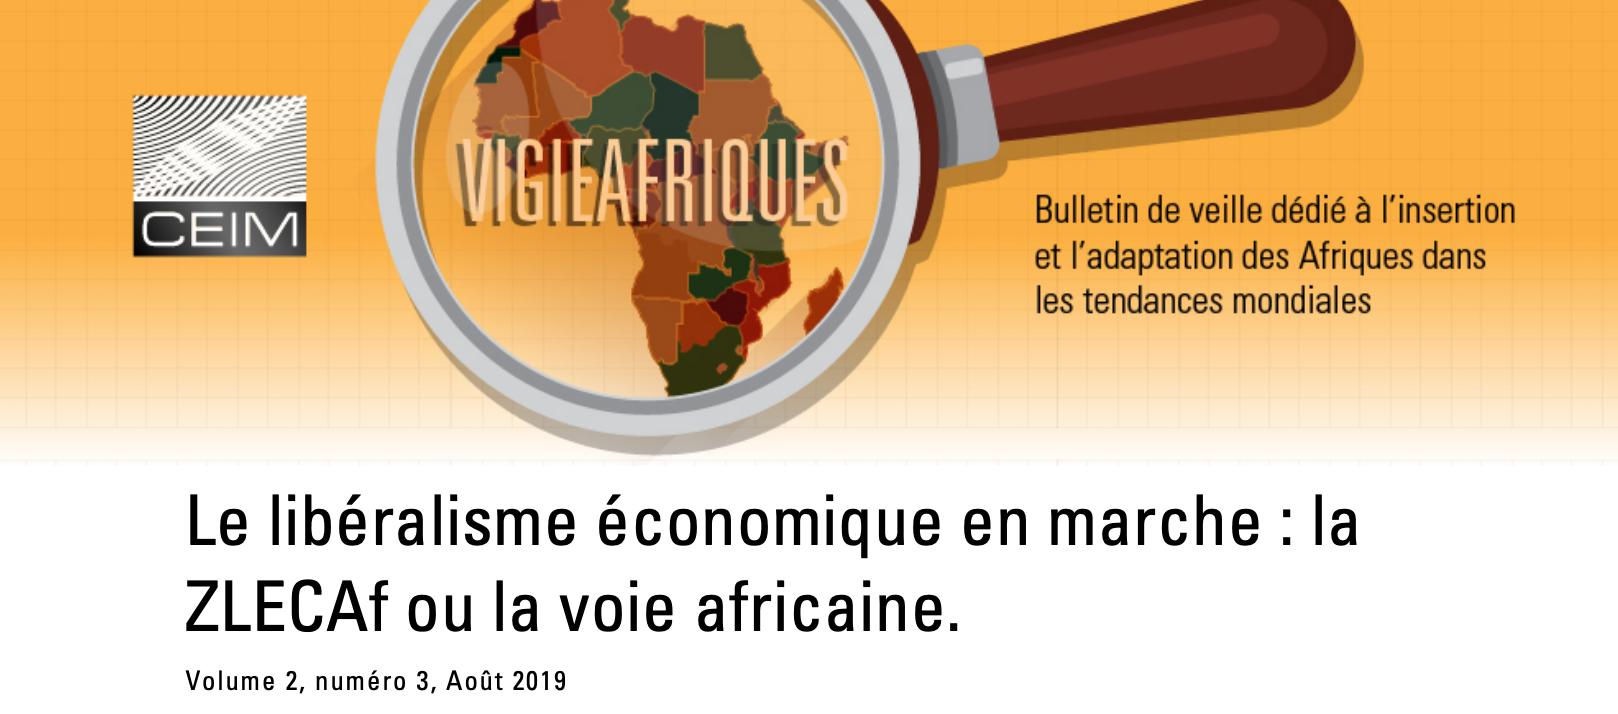 Le libéralisme économique en marche: la ZLECAf ou la voie africaine